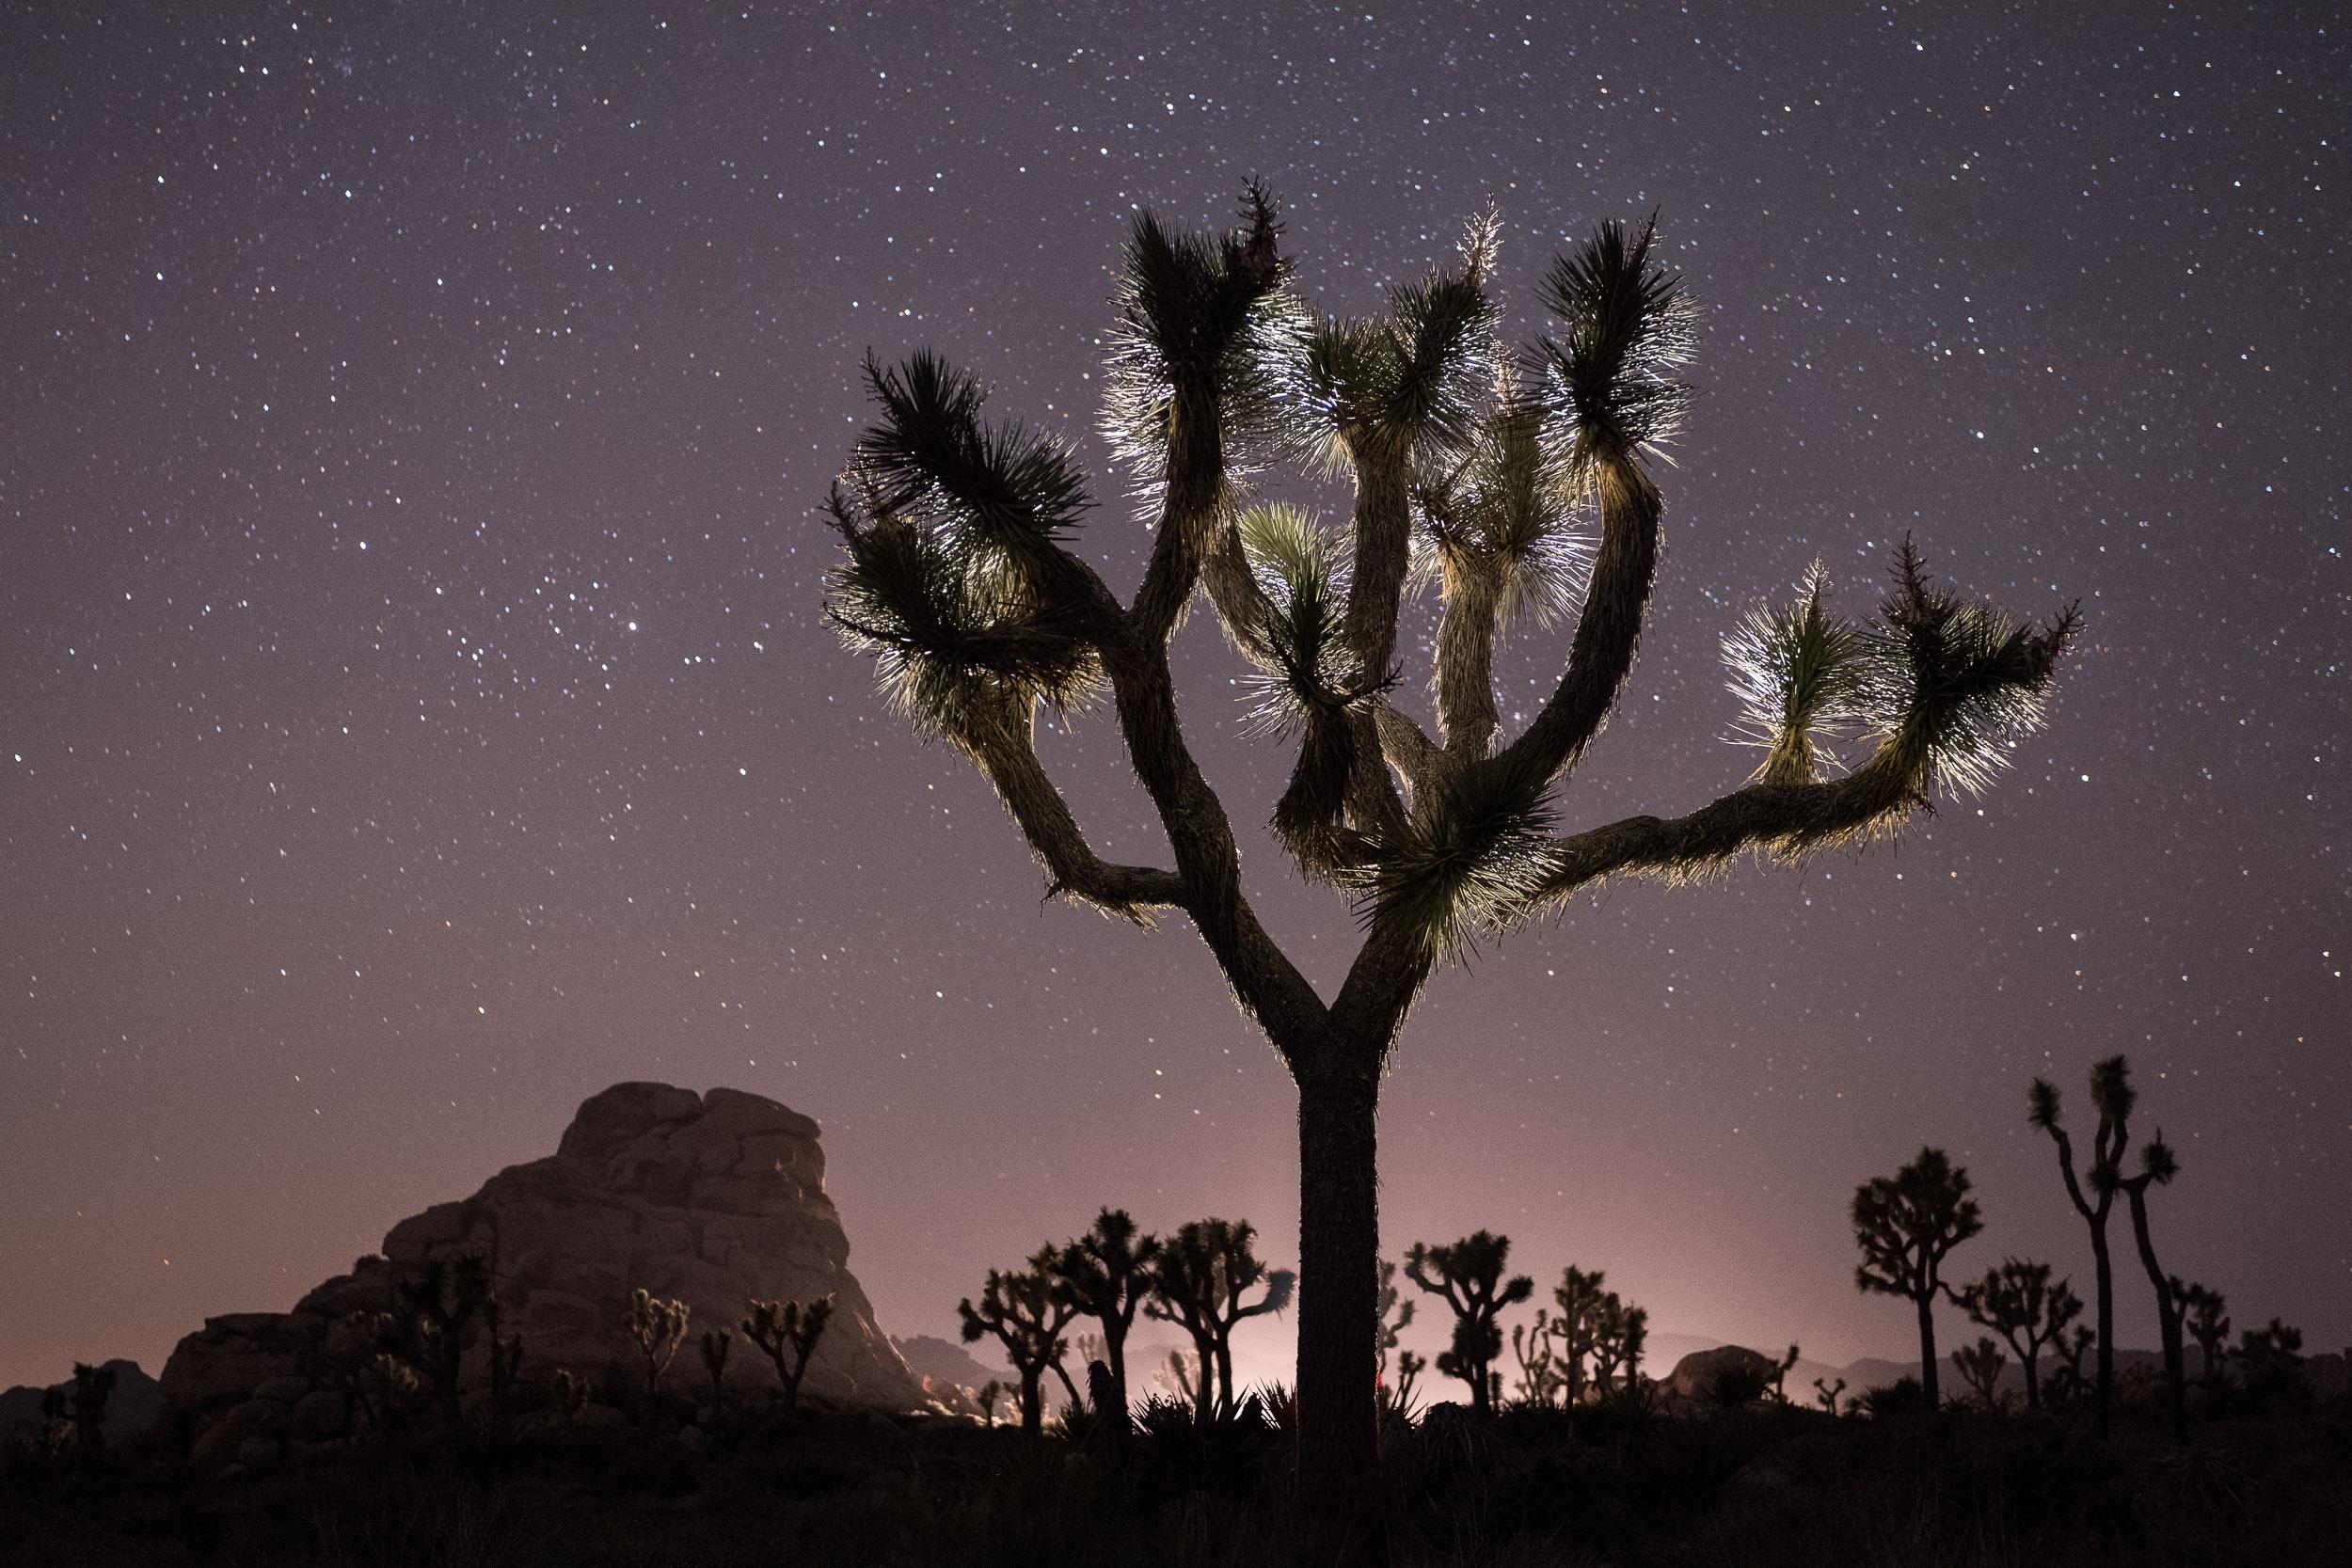 joshua tree_DSC2748-E_Chris Nicholson.jpg